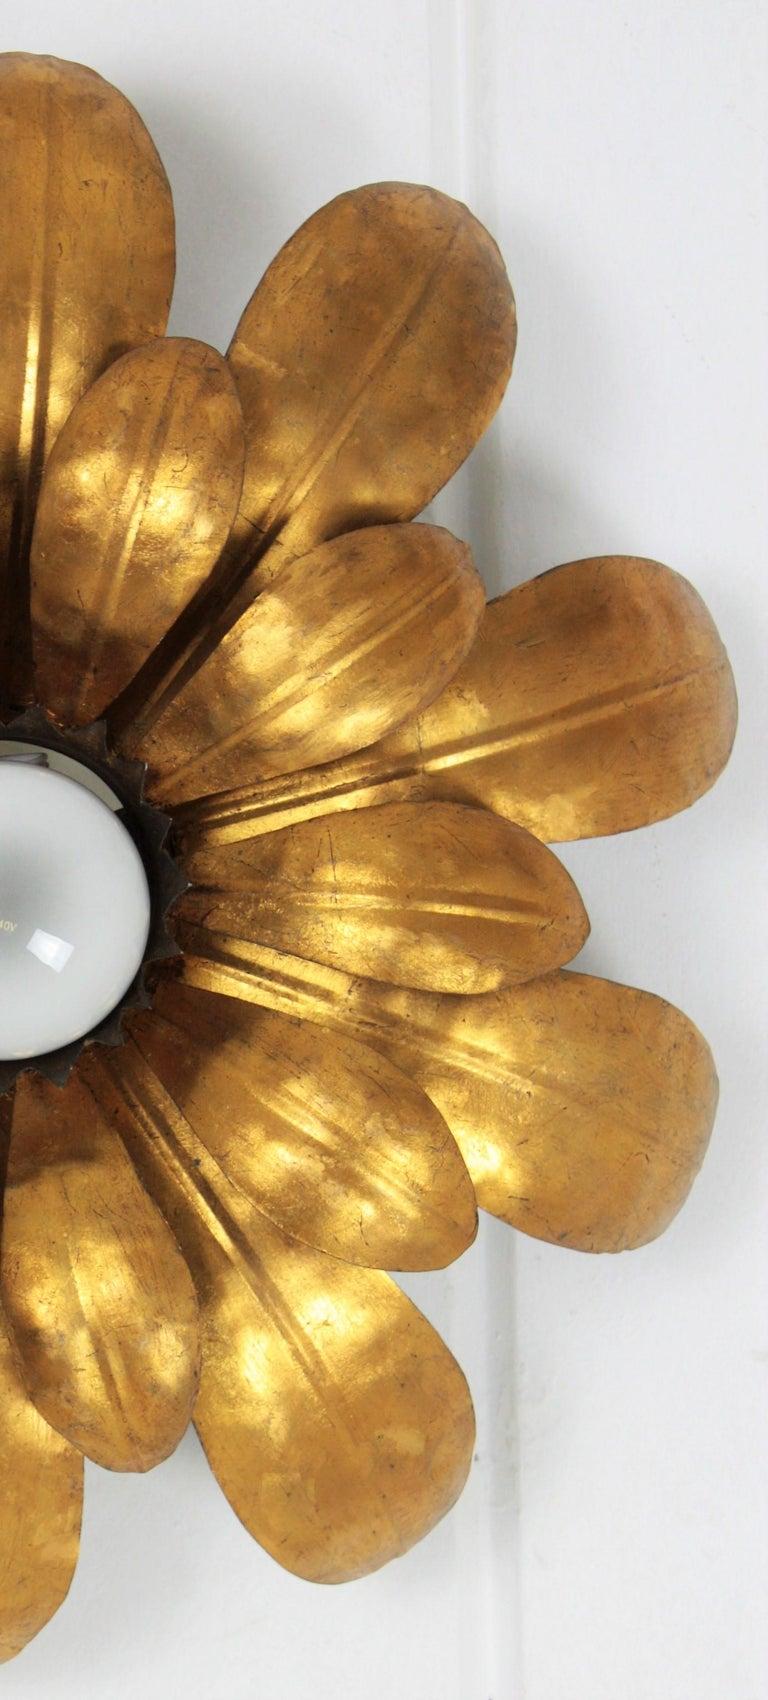 French, 1950s Gilt Iron Flower Shaped Sunburst Ceiling Flush Mount Light Fixture For Sale 4